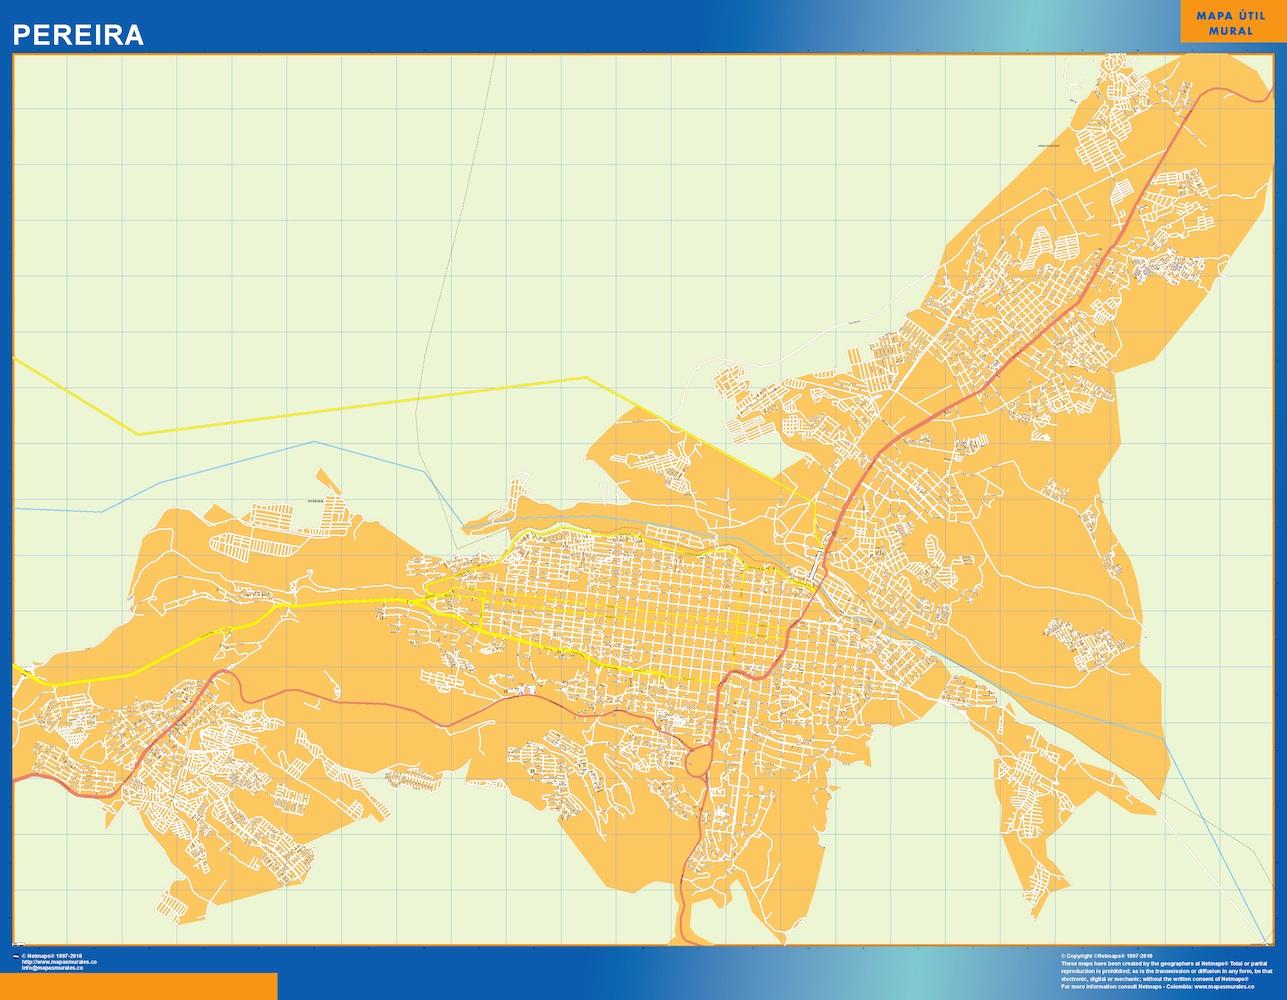 Mapa de Pereira en Colombia plastificado gigante